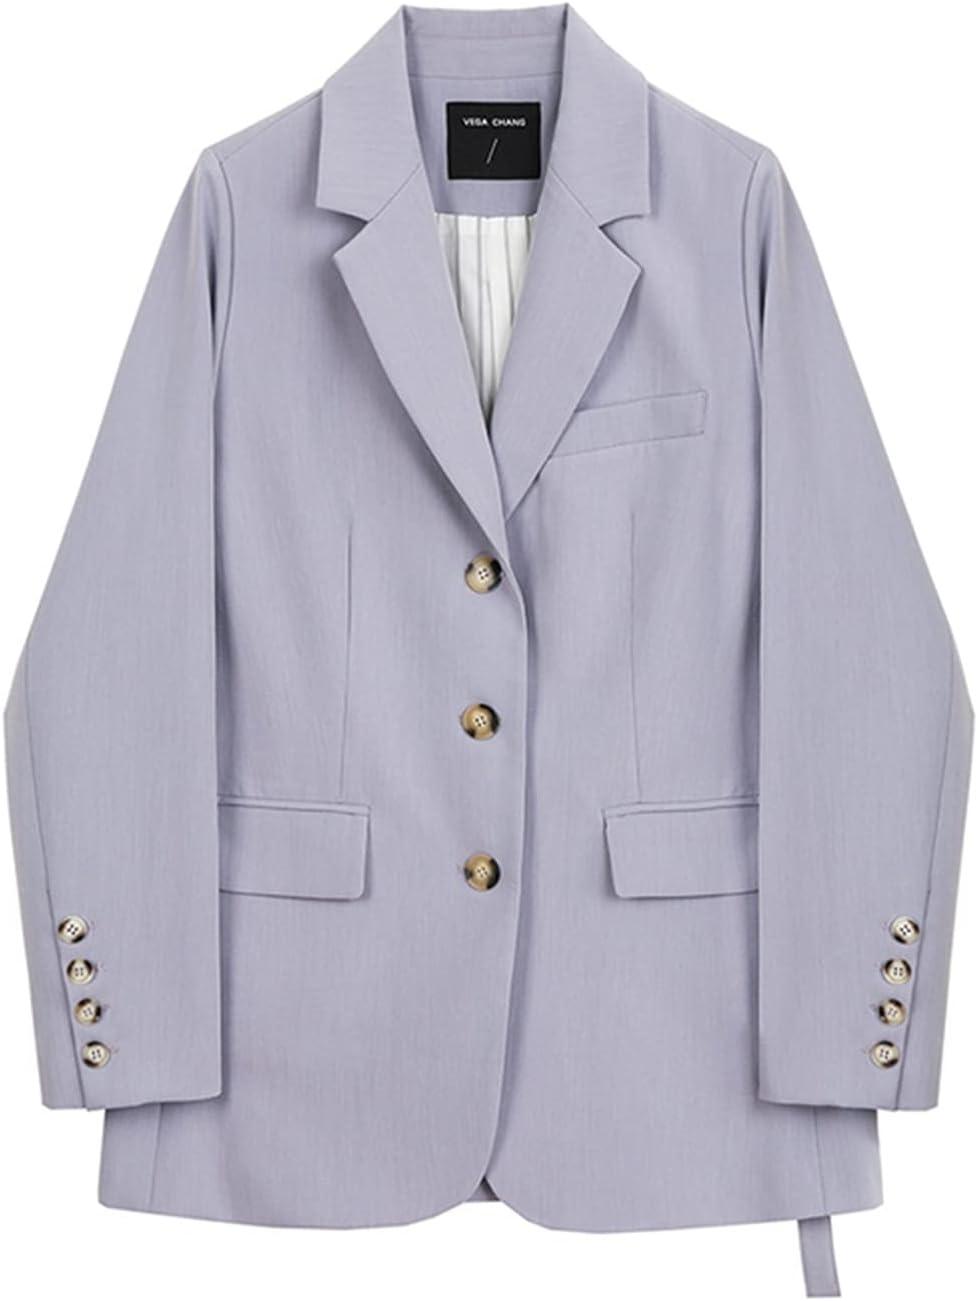 BXSM Purple Suit Commuter Fashion Temperament Casual Suit Jacket (Color : Purple, Size : Small)